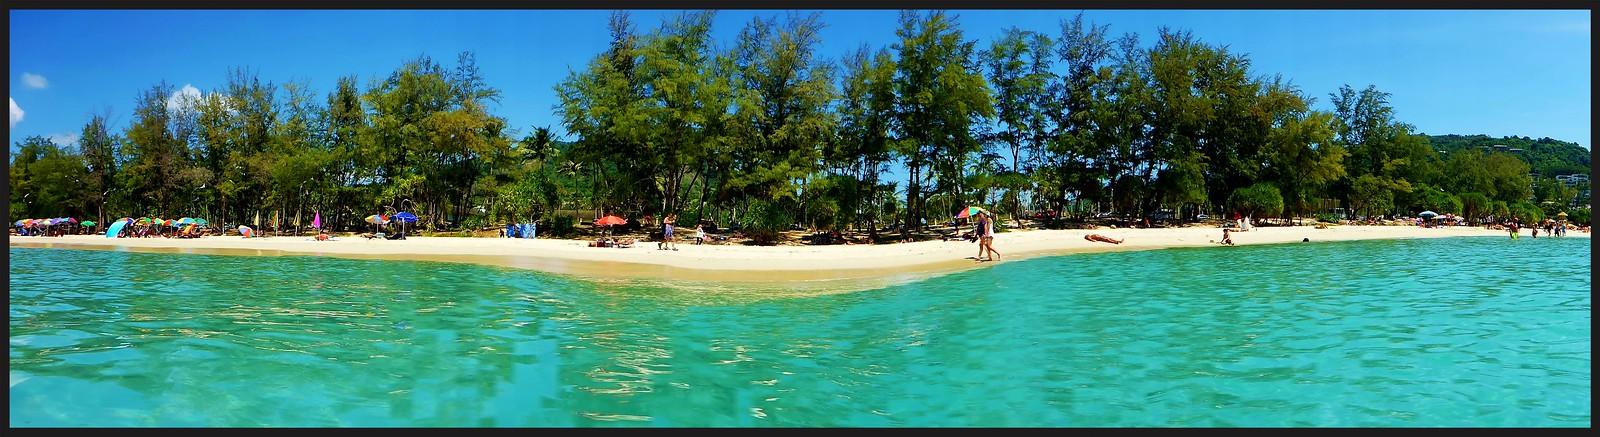 KataBeach Phuket, Thailand